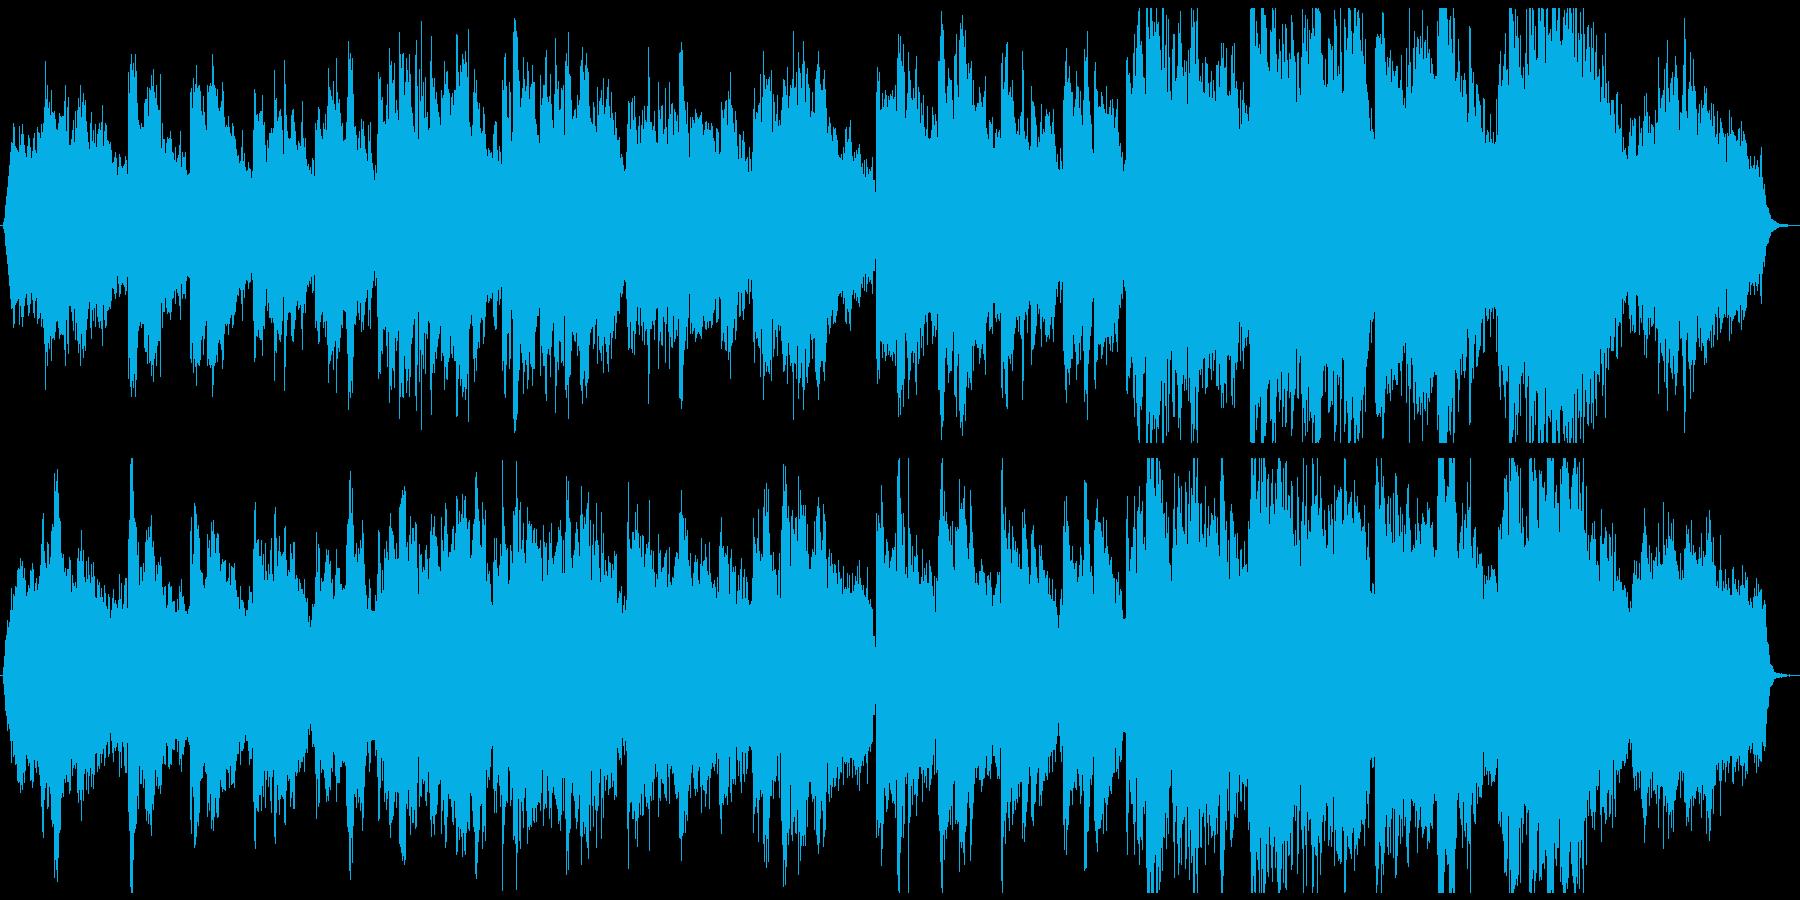 アコギとオーケストラの《きよしこの夜》の再生済みの波形